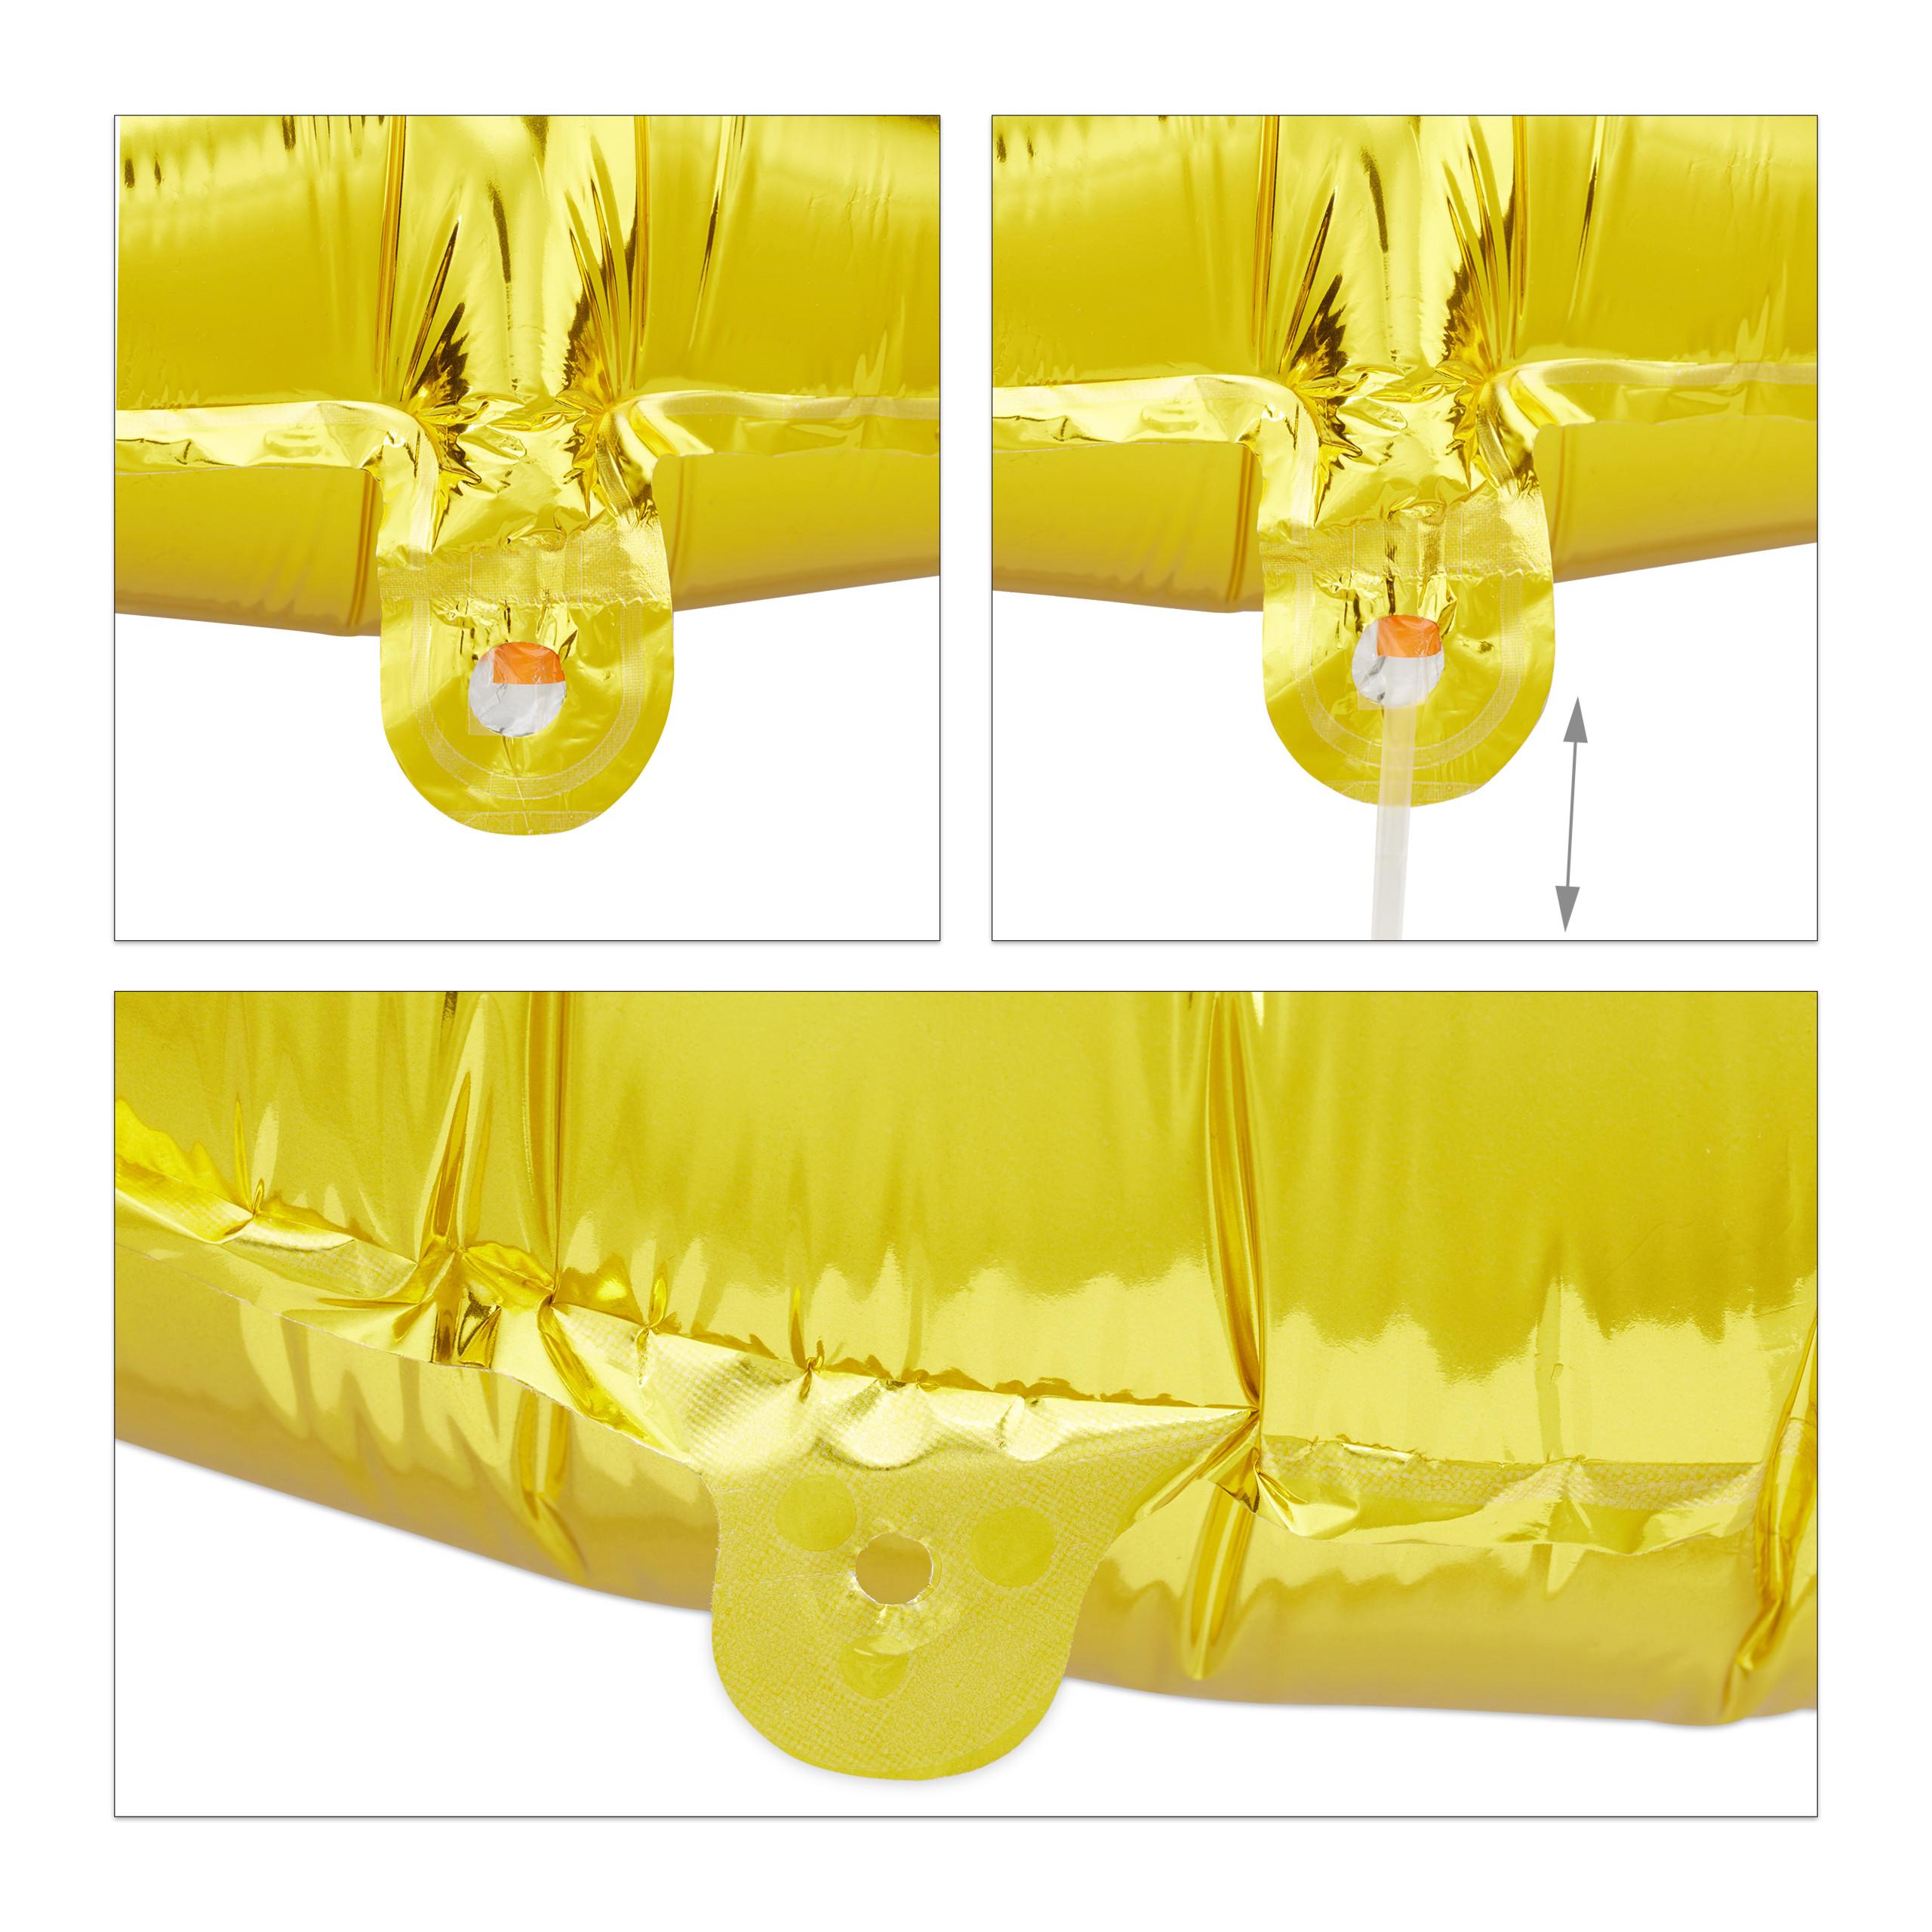 Ballon-chiffre-numero-21-gonflable-anniversaire-decoration-geant-mariage miniature 11